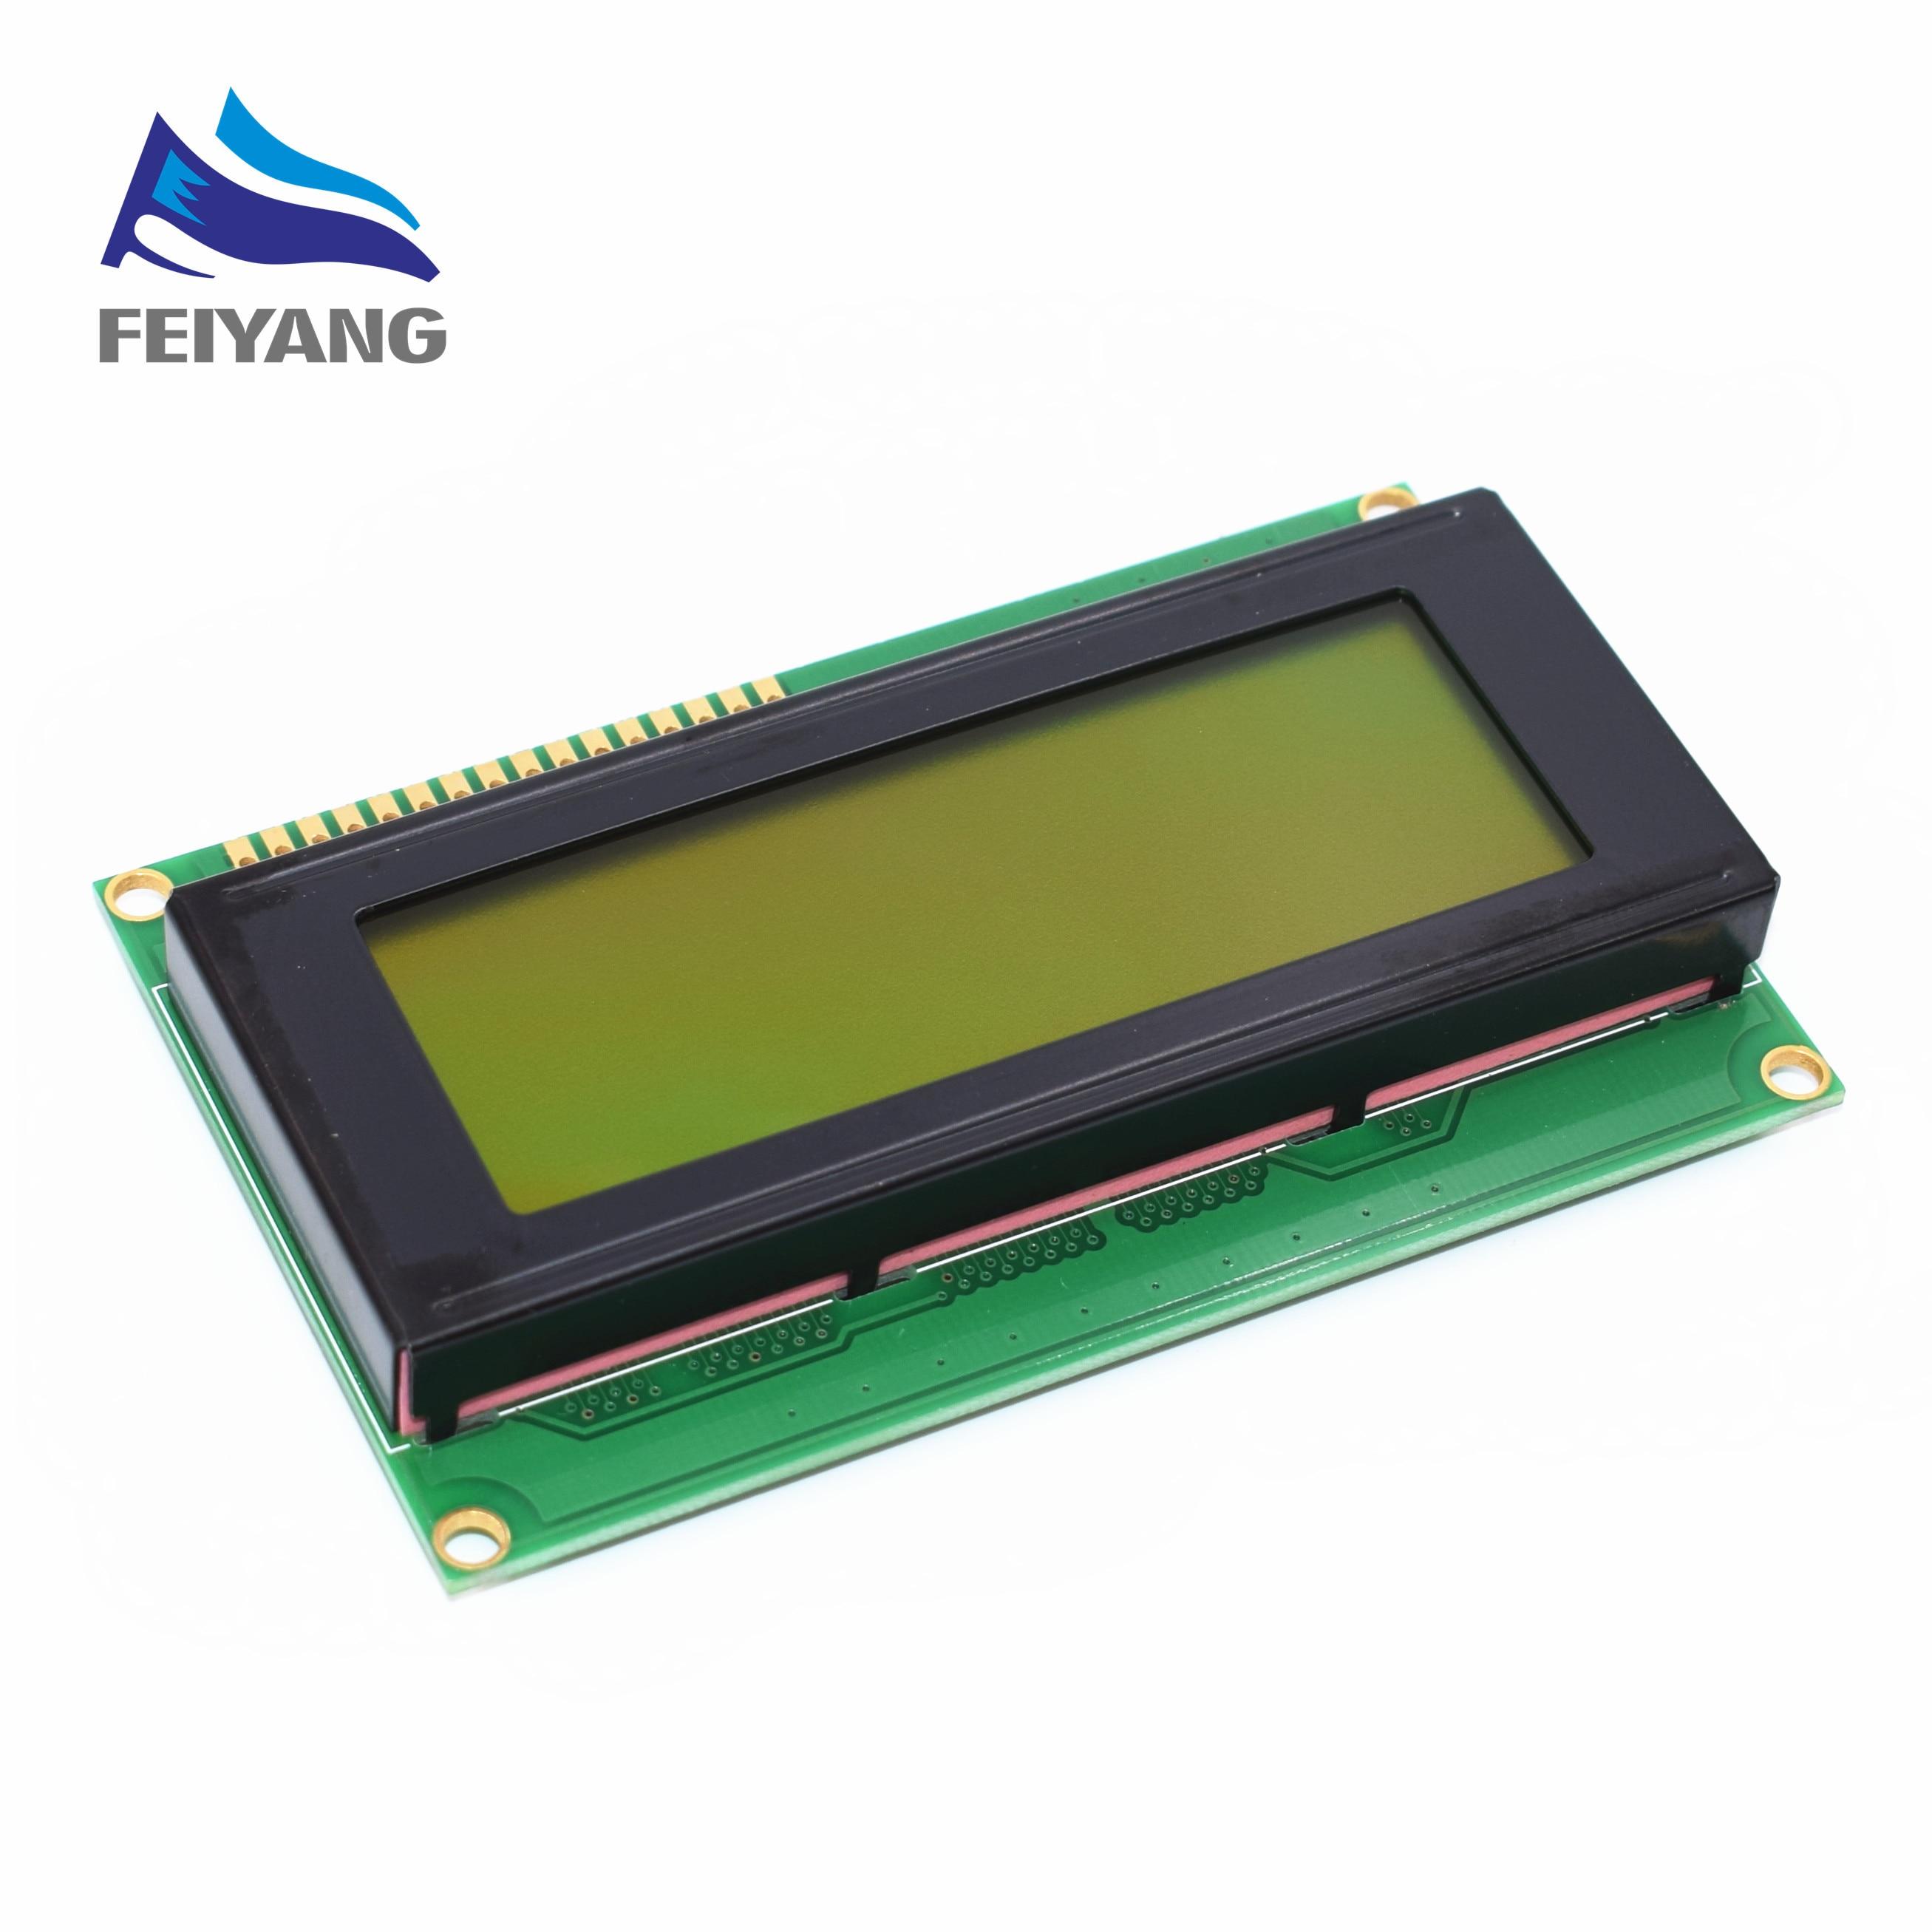 1PCS LCD Board 2004 20*4 LCD 20X4 5V yellow-green screen LCD2004 display LCD module LCD 20041PCS LCD Board 2004 20*4 LCD 20X4 5V yellow-green screen LCD2004 display LCD module LCD 2004